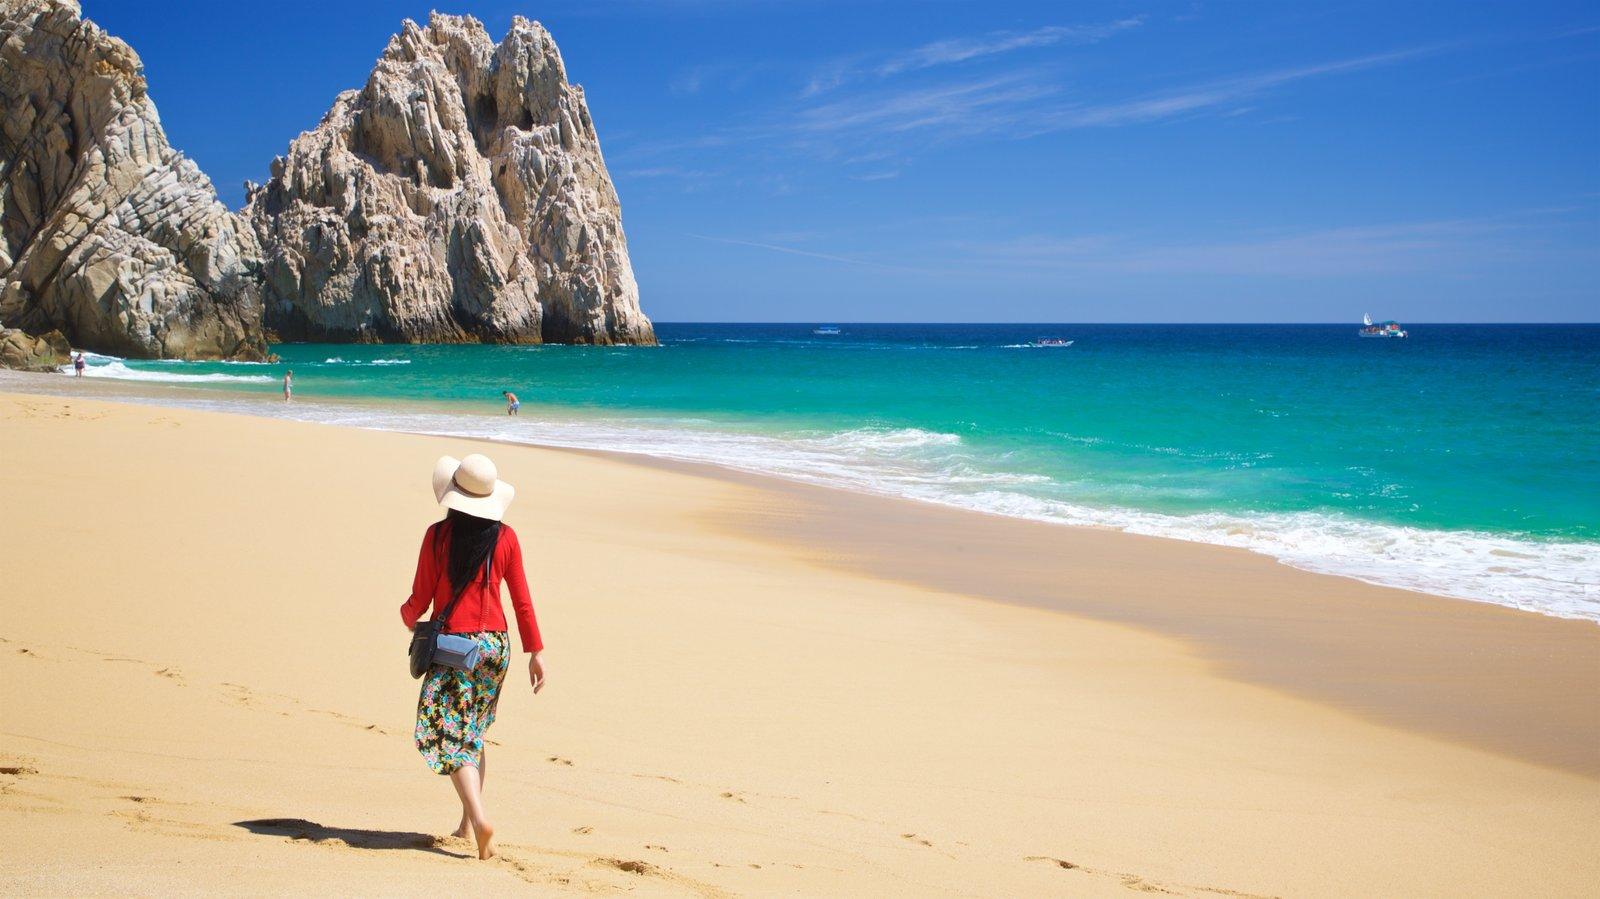 Playa Divorce ofreciendo vistas generales de la costa, costa rocosa y una playa